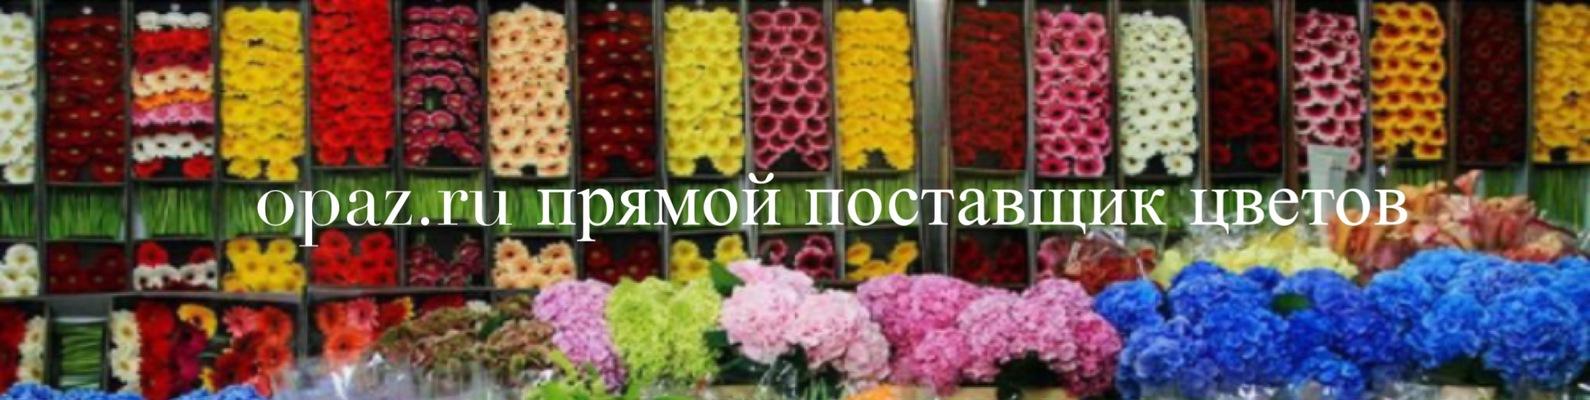 Поставщики цветов в уфе оптом